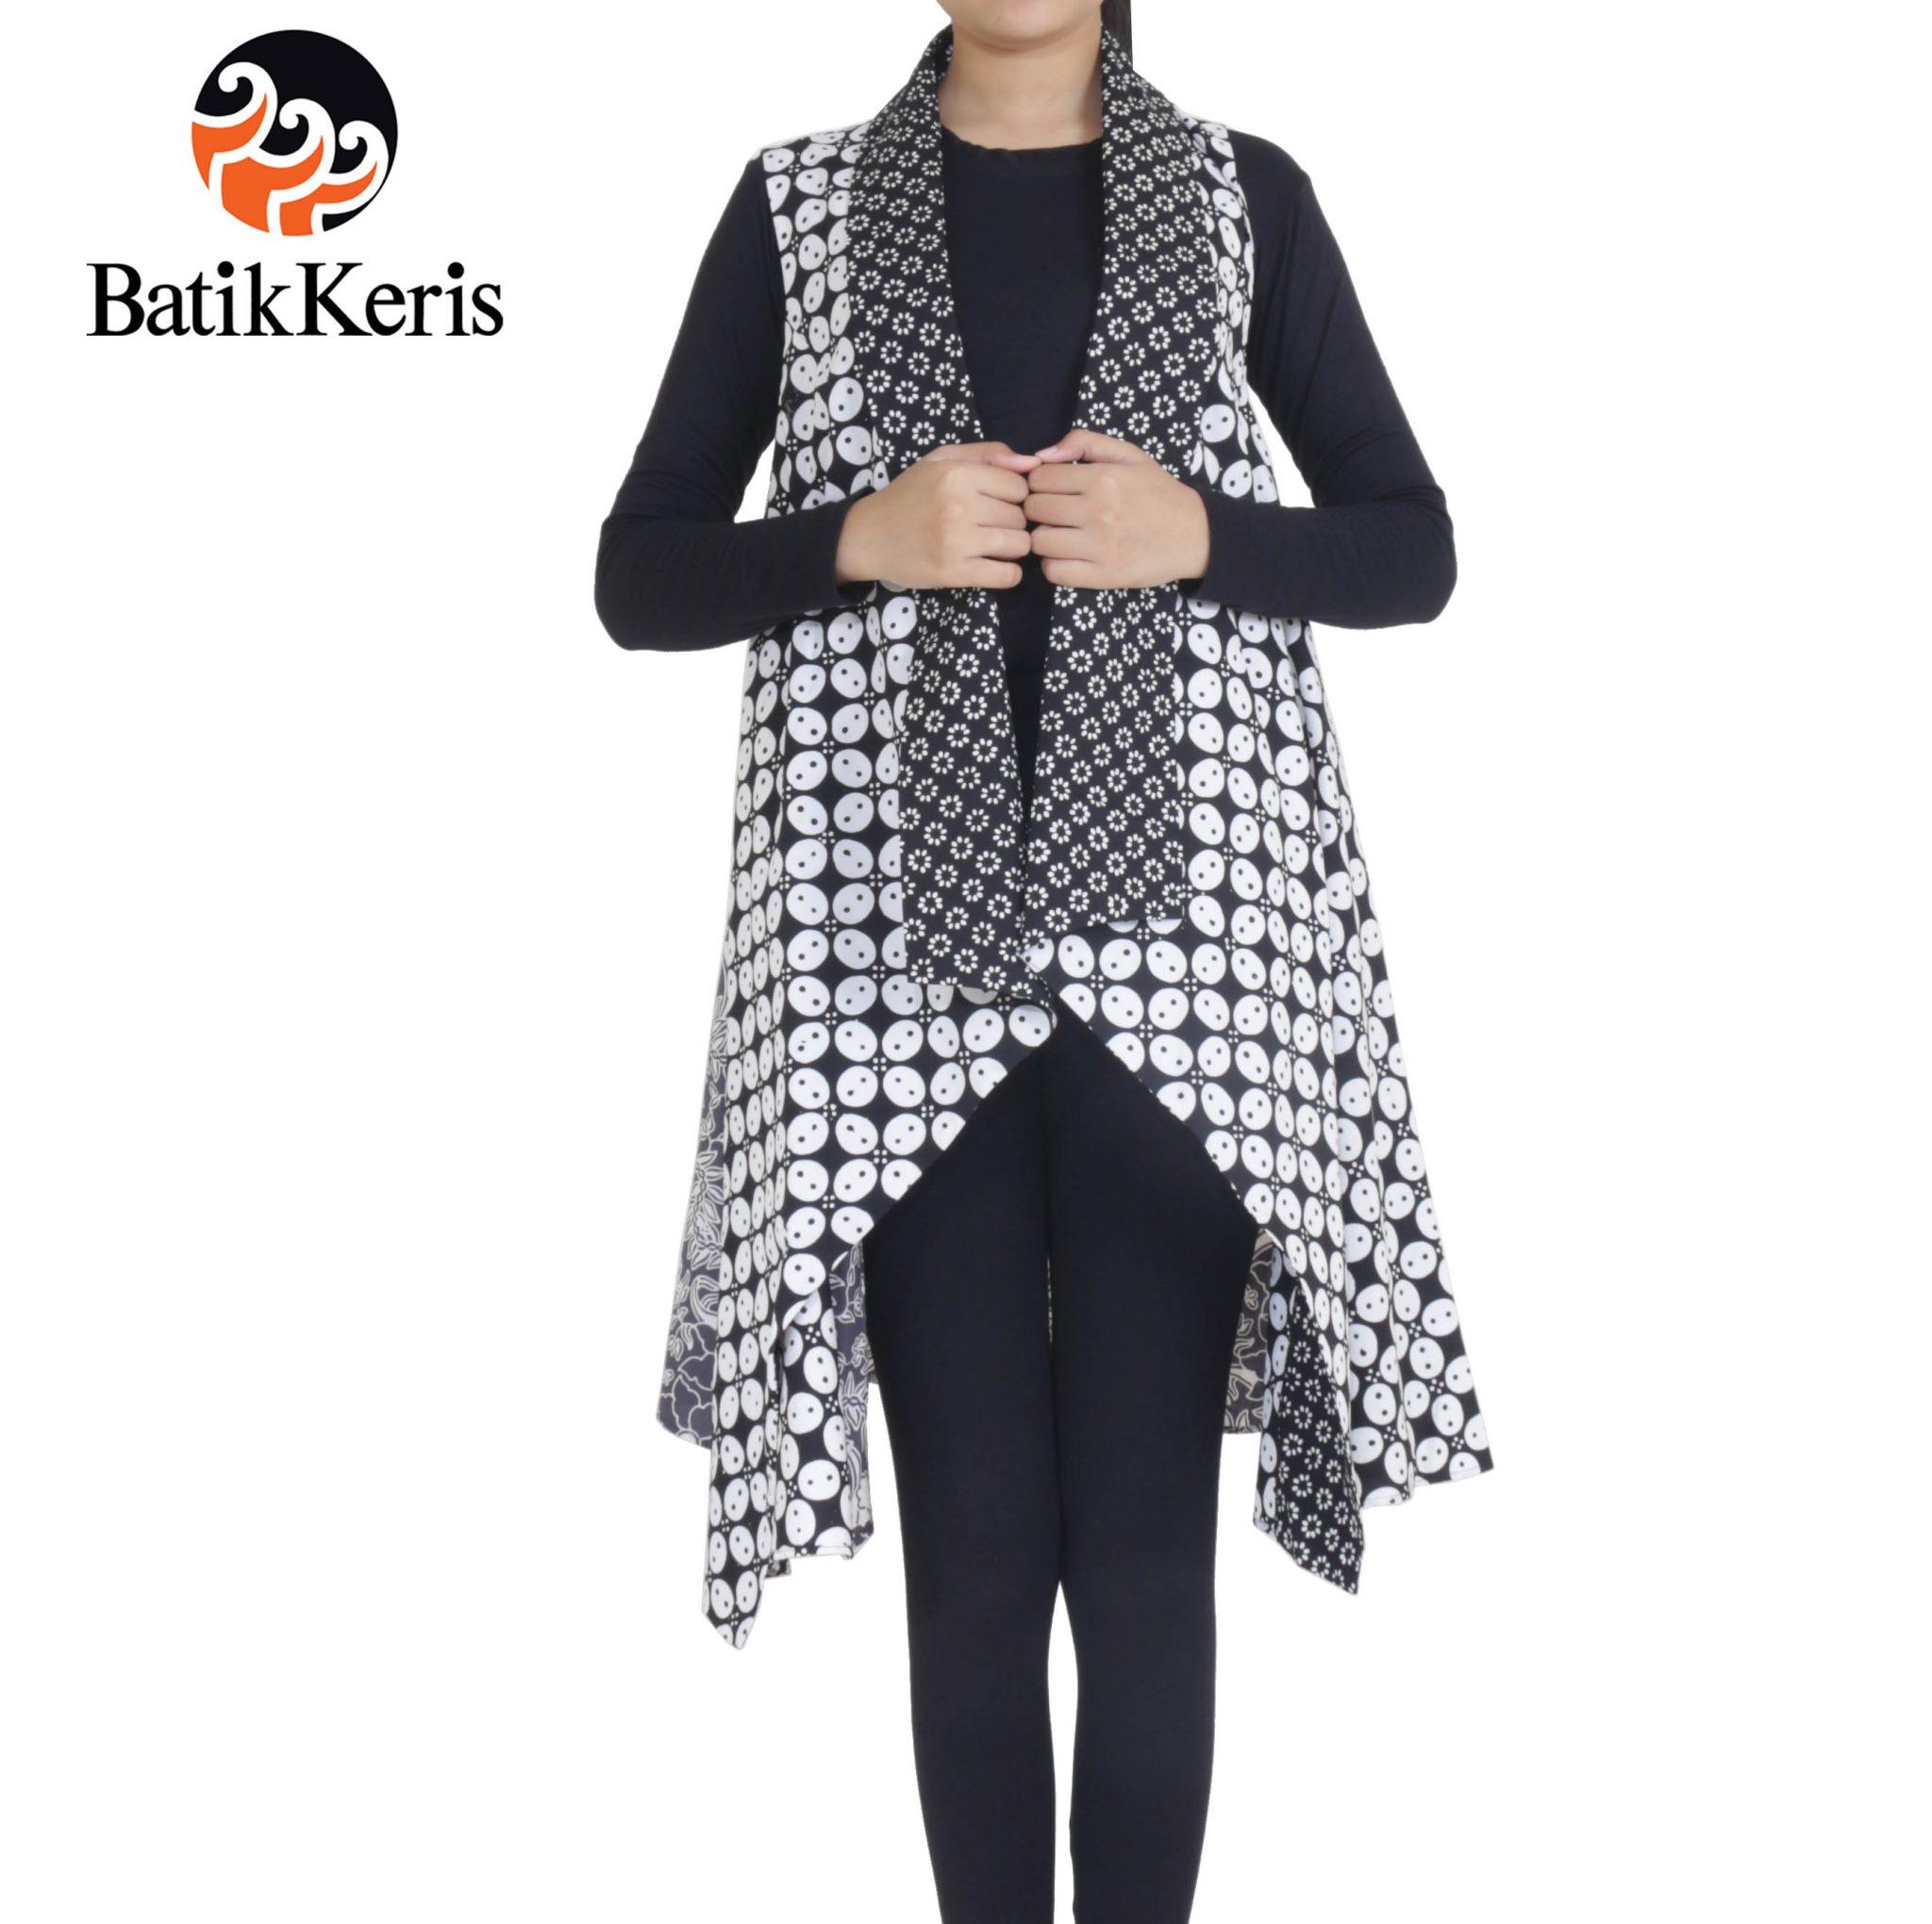 Batik Keris Surabaya